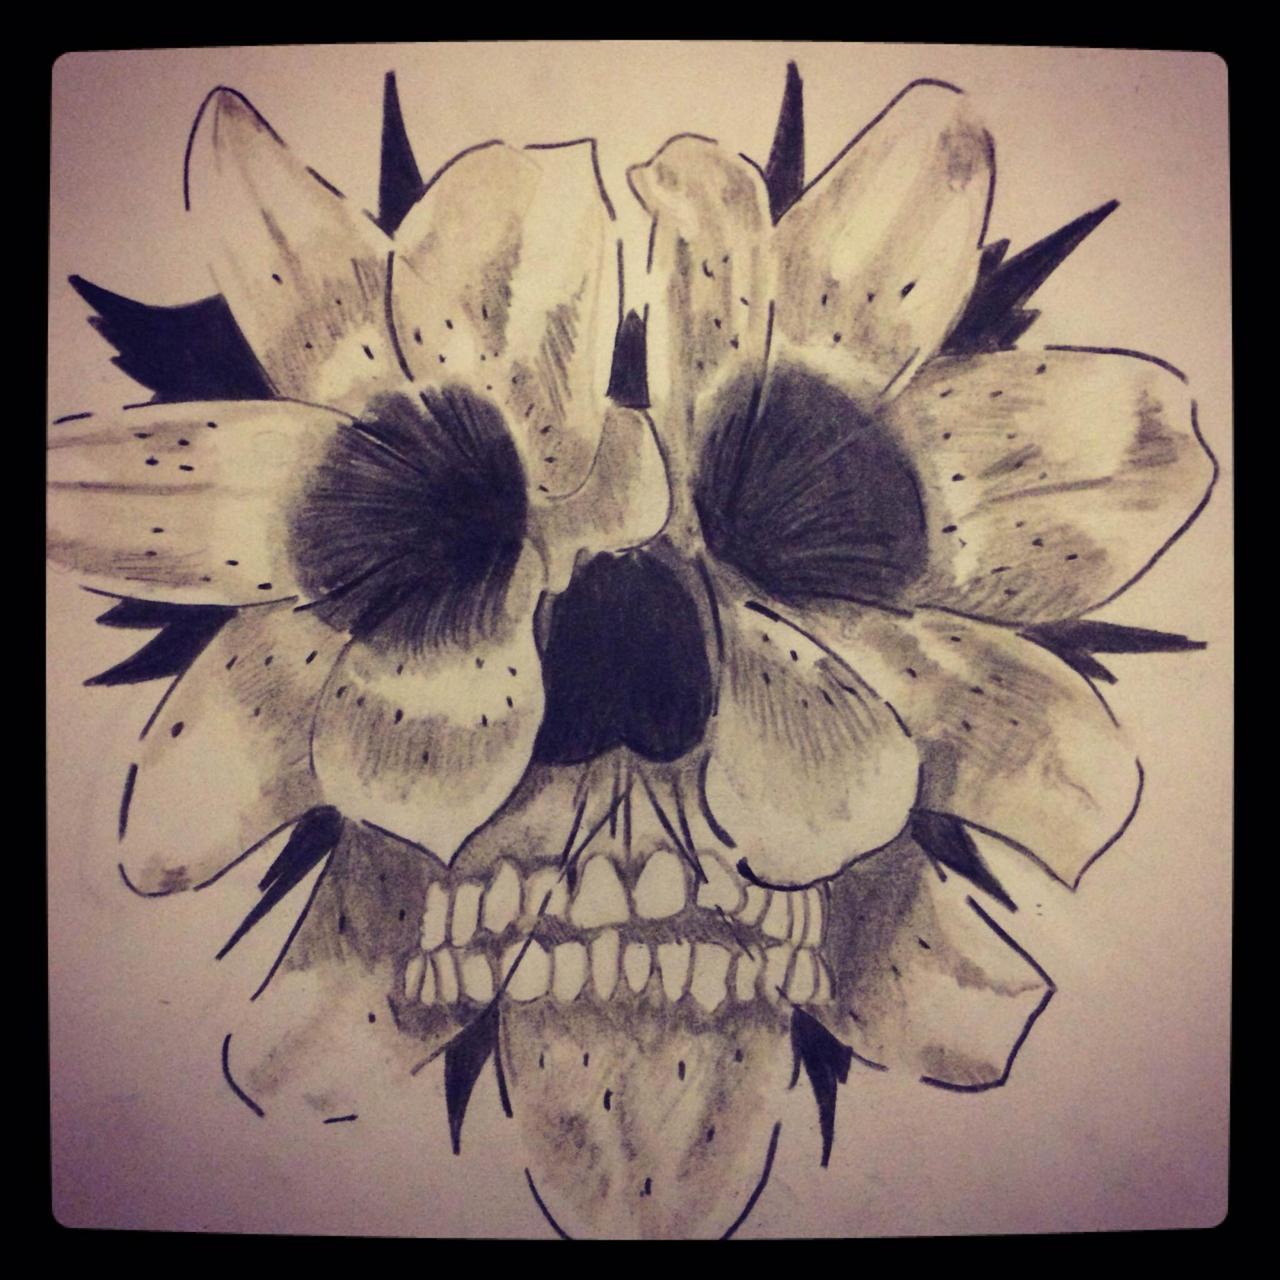 Flower Skull Tattoo 1 filter by snco art0713 on DeviantArt